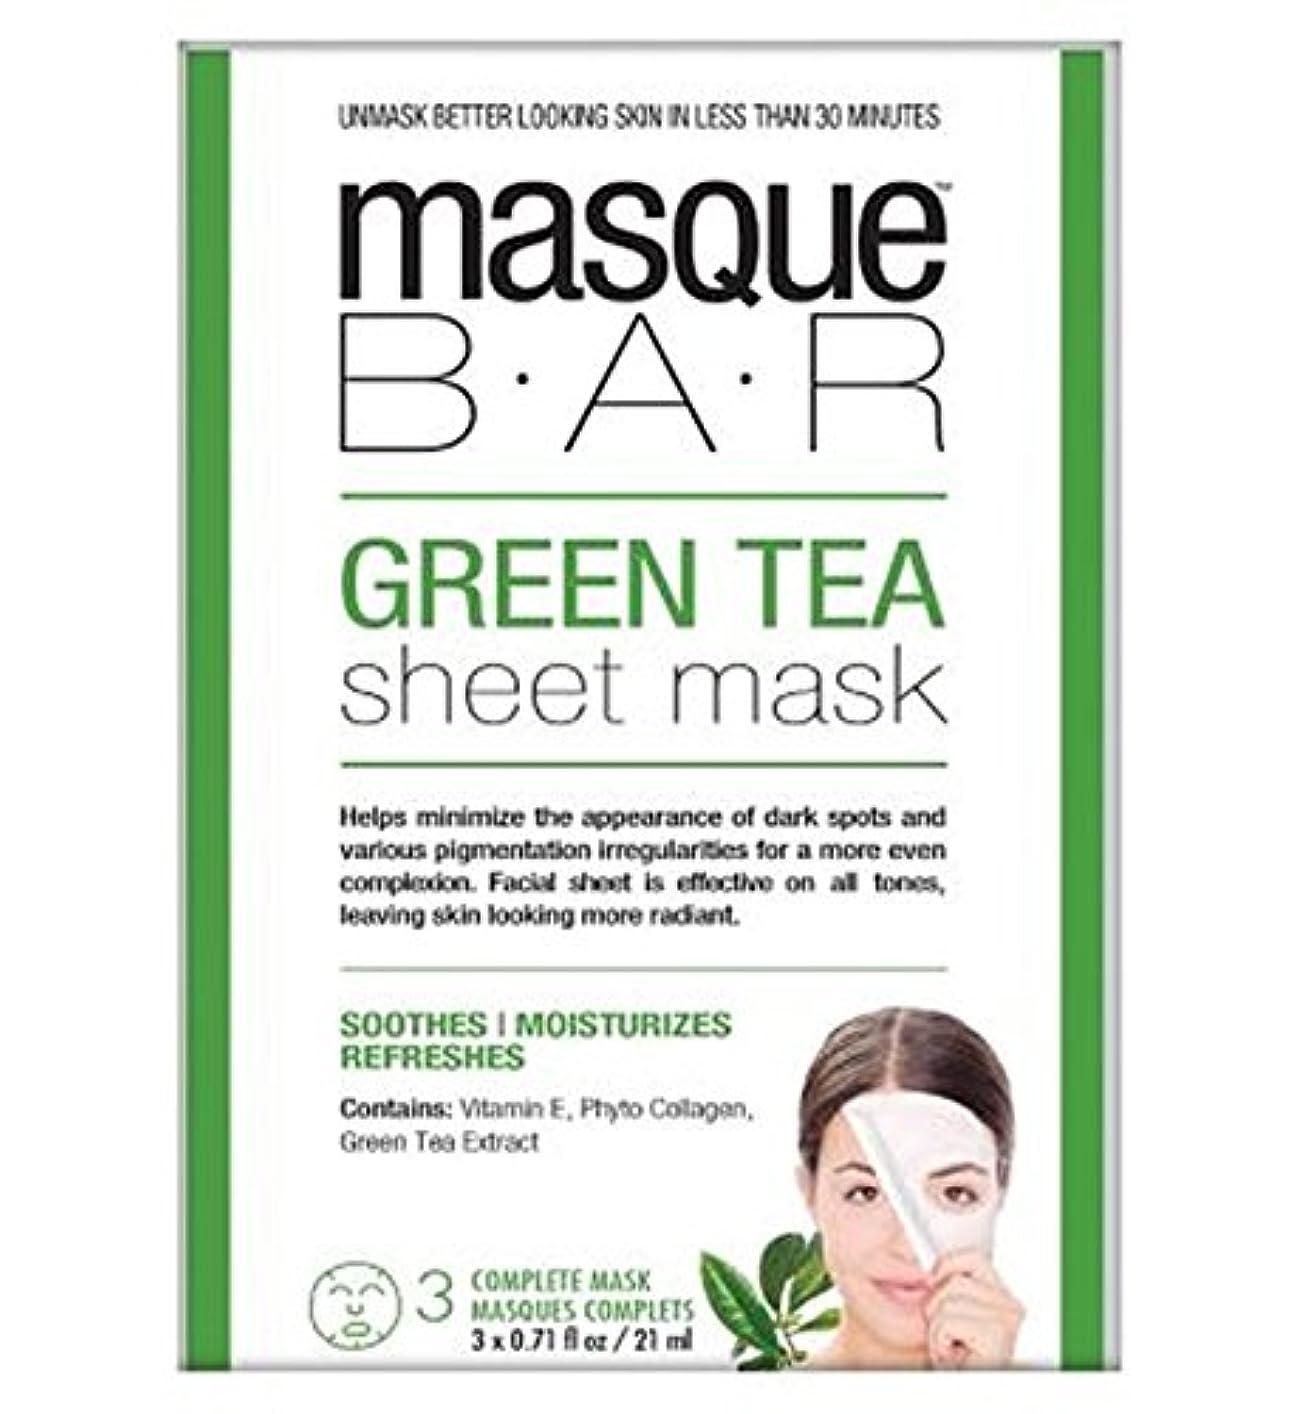 ナプキン木製アブストラクト仮面劇バー緑茶シートマスク - 3完全なマスク (P6B Masque Bar Bt) (x2) - Masque Bar Green Tea Sheet Mask - 3 complete masks (Pack of...